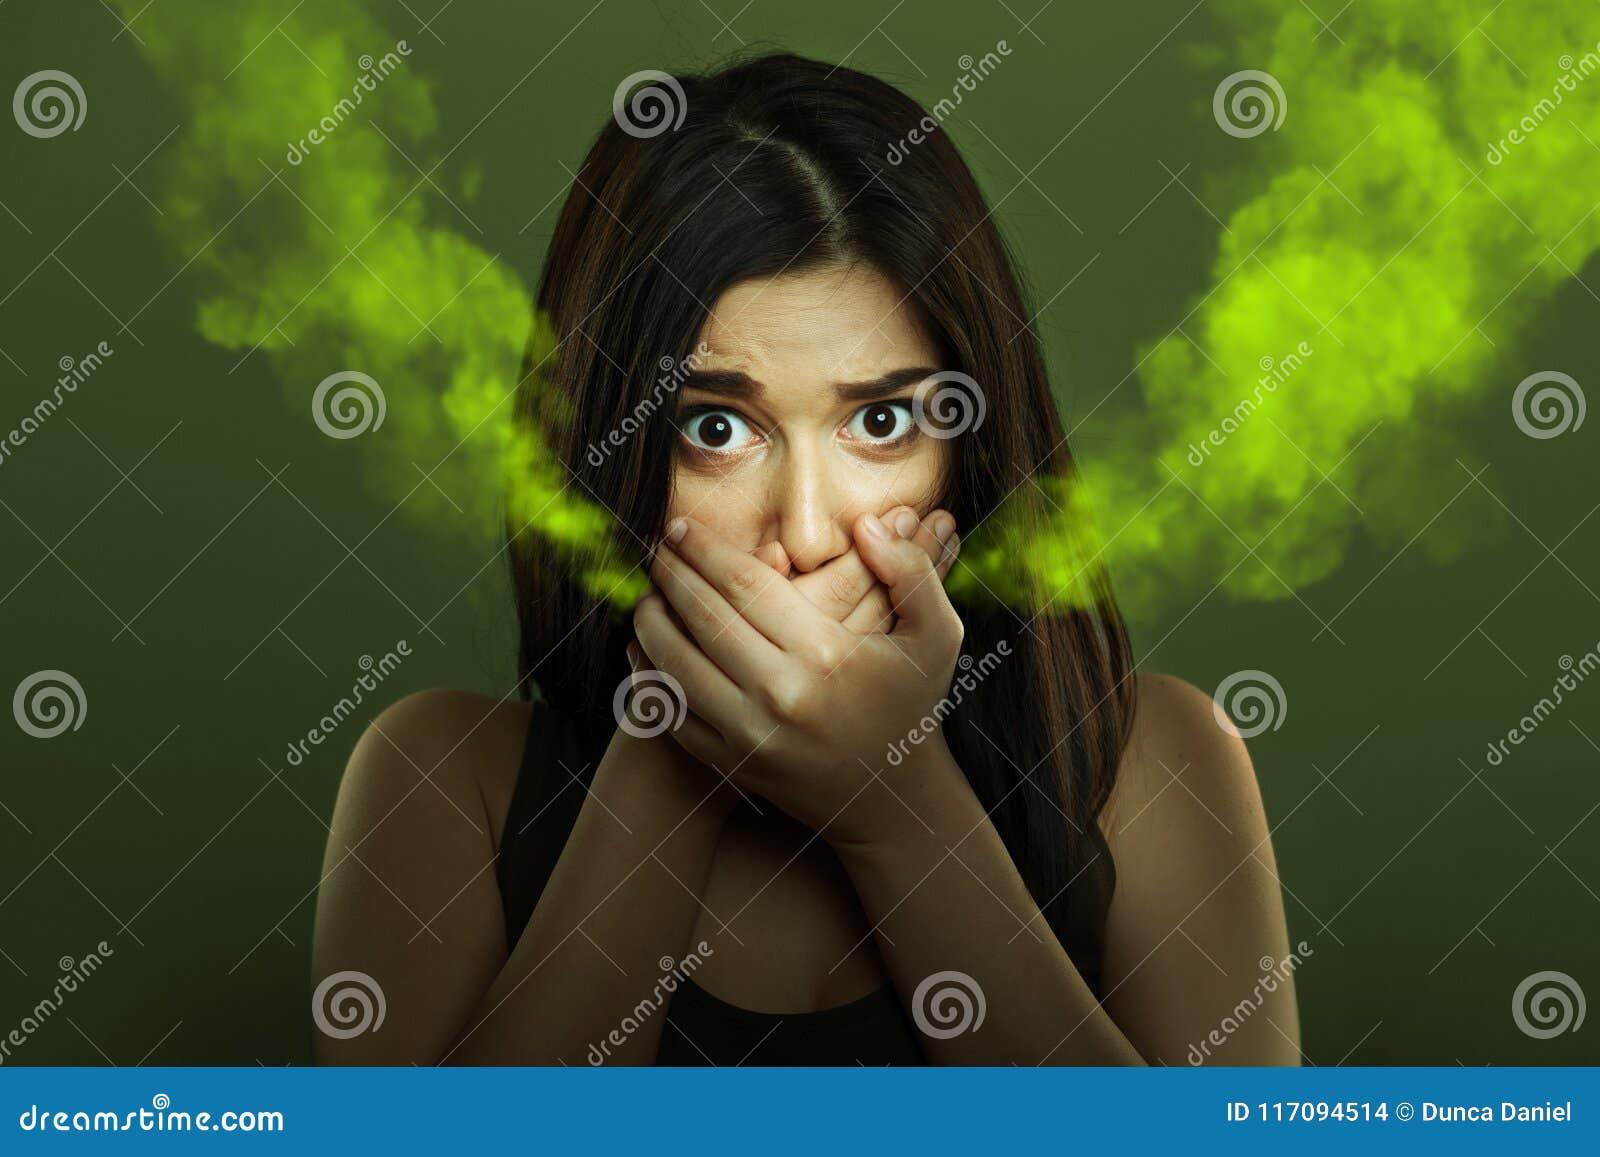 Konzept Des übleren Mundgeruchs Der Frau Mit Mundgeruch Stockfoto